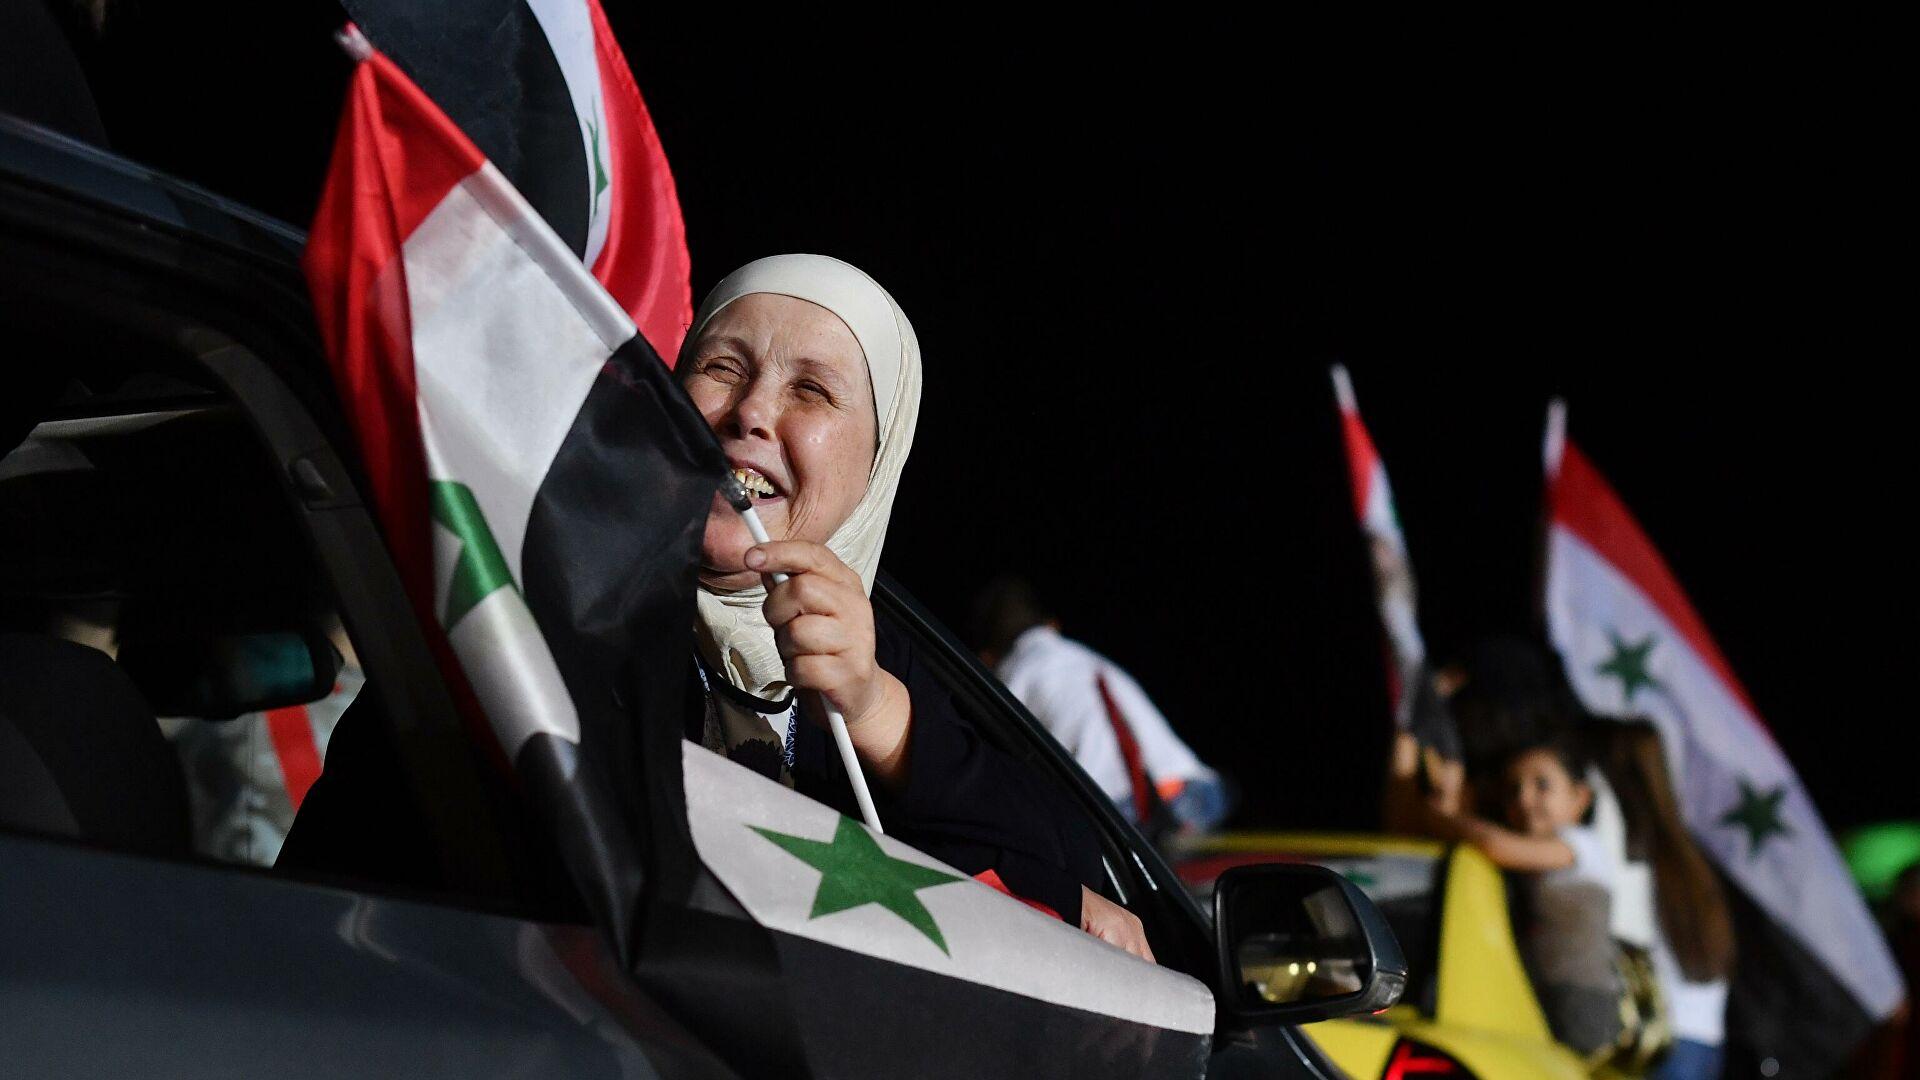 Празднование победы Асада на выборах продолжалось до глубокой ночи